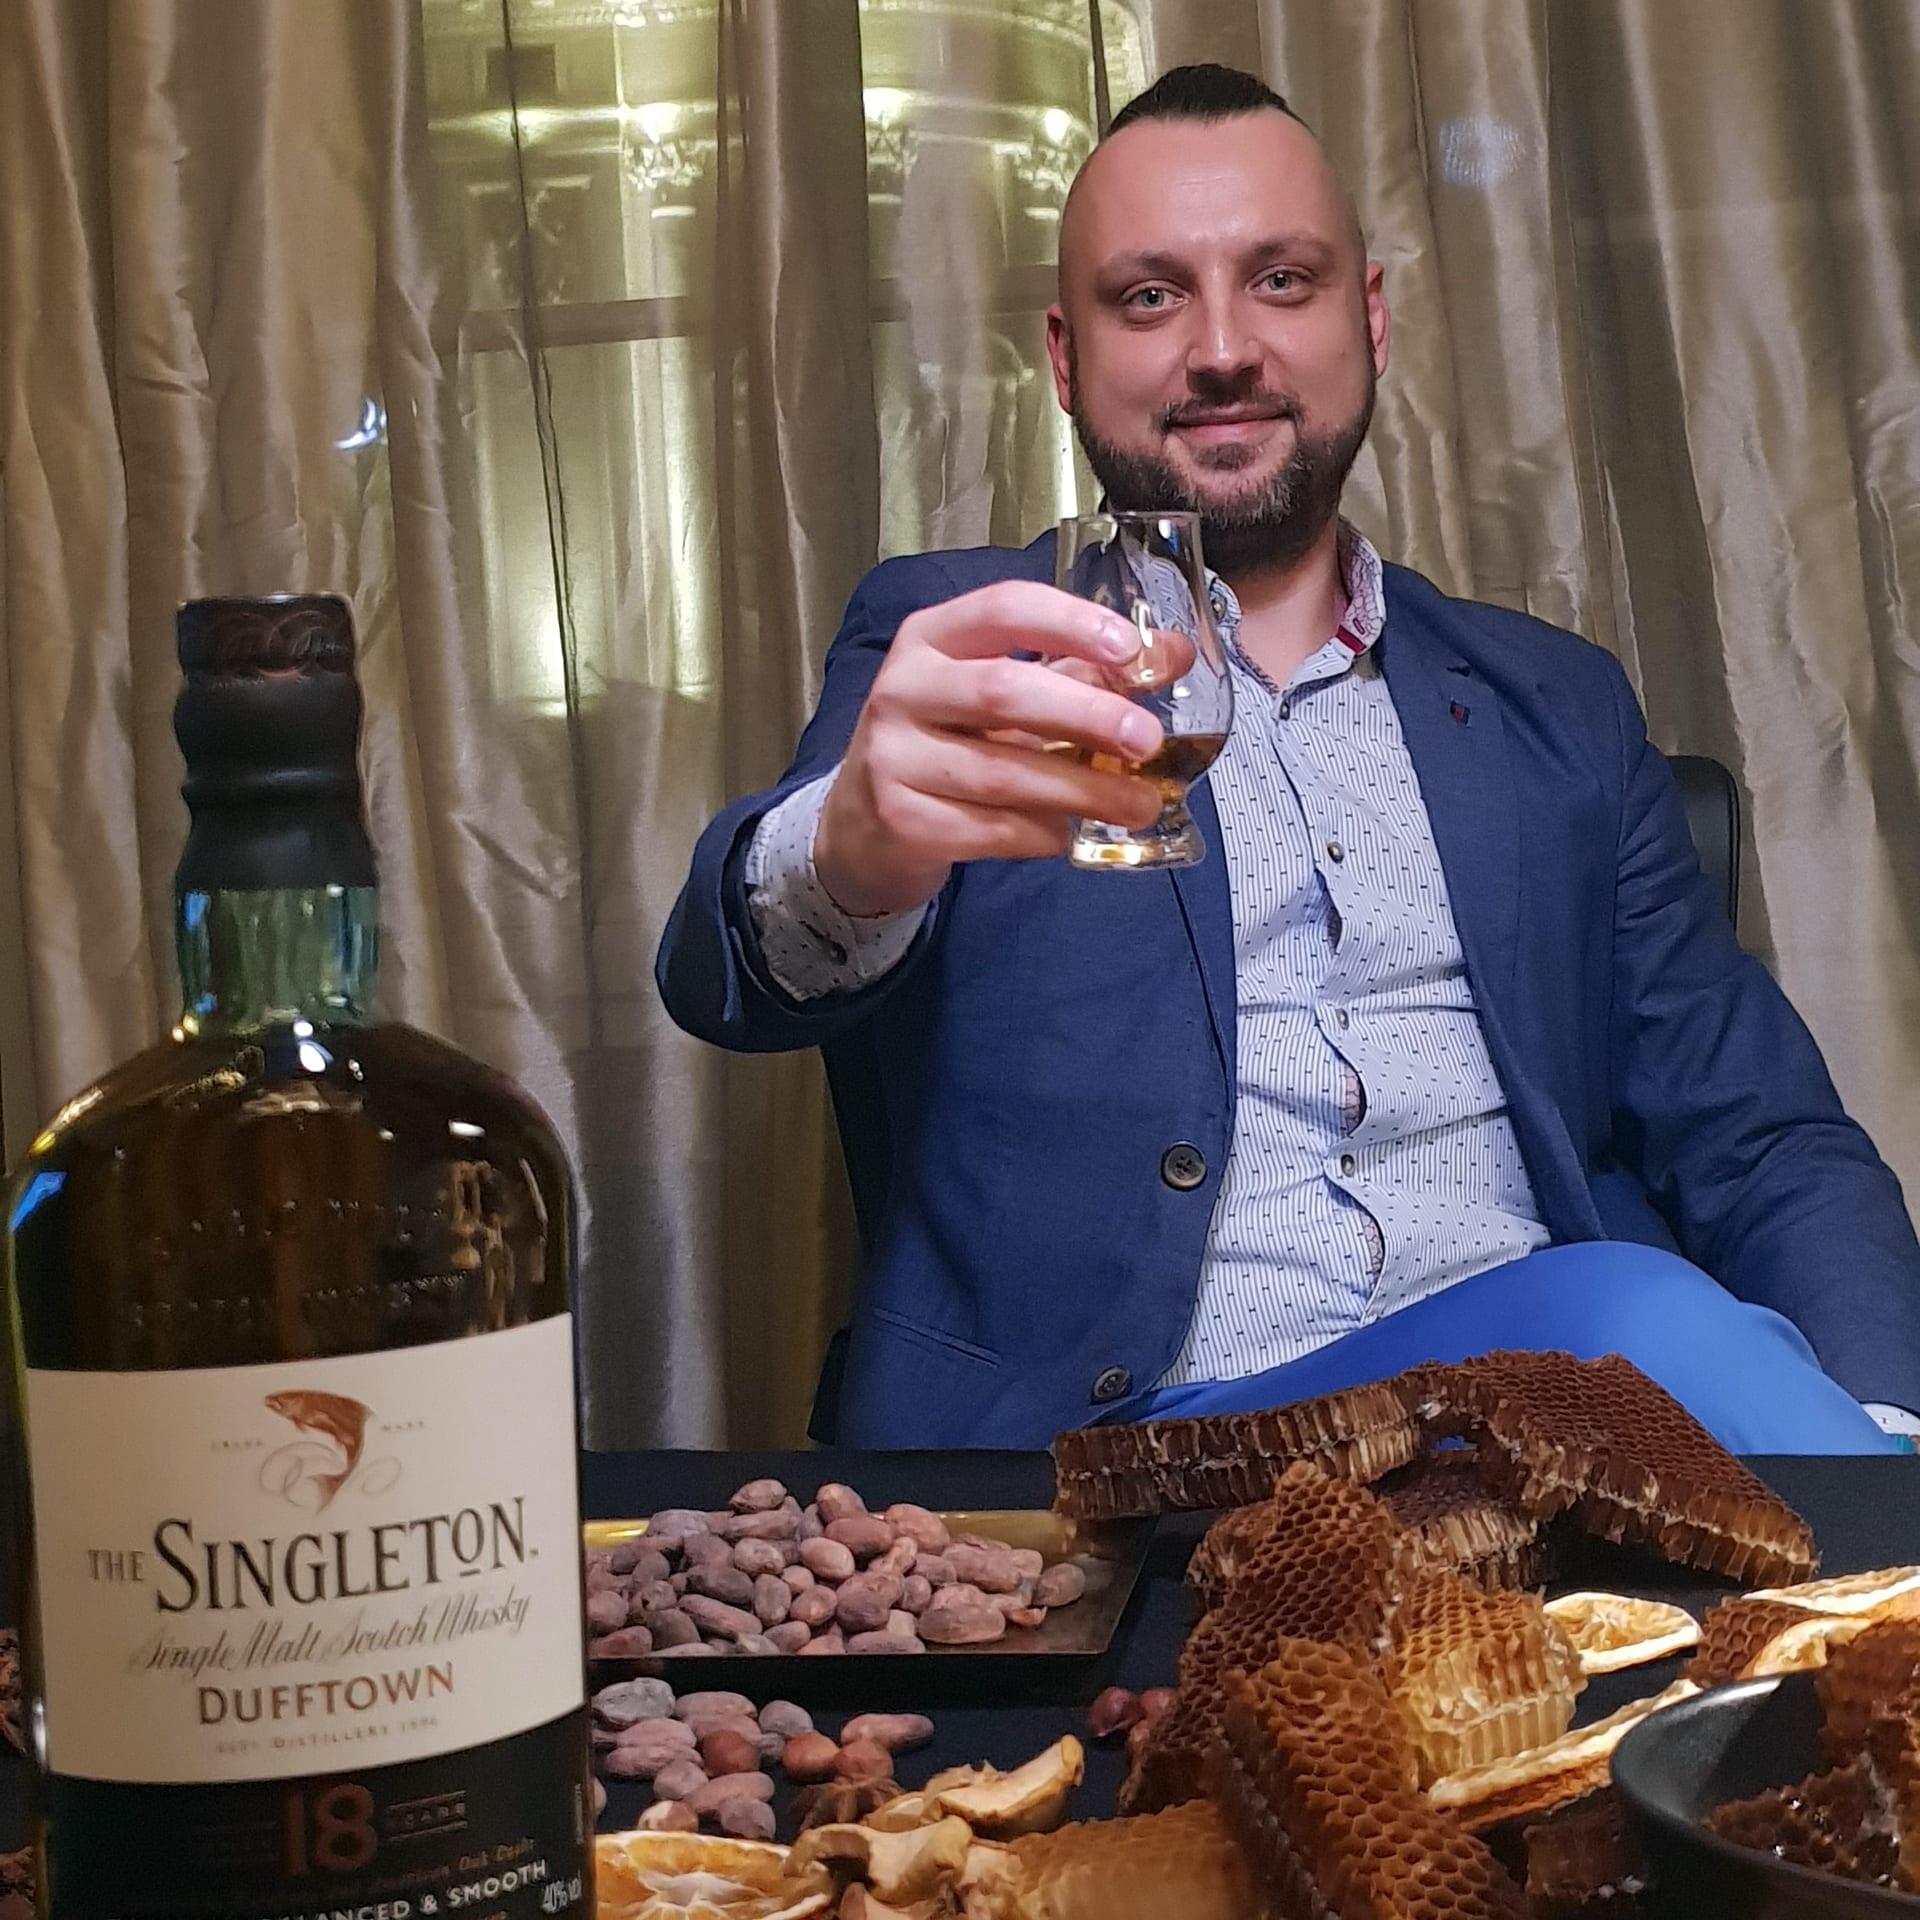 Whisky Singleton - toast wznoszony przez mężczyznę w ciepłym nastroju